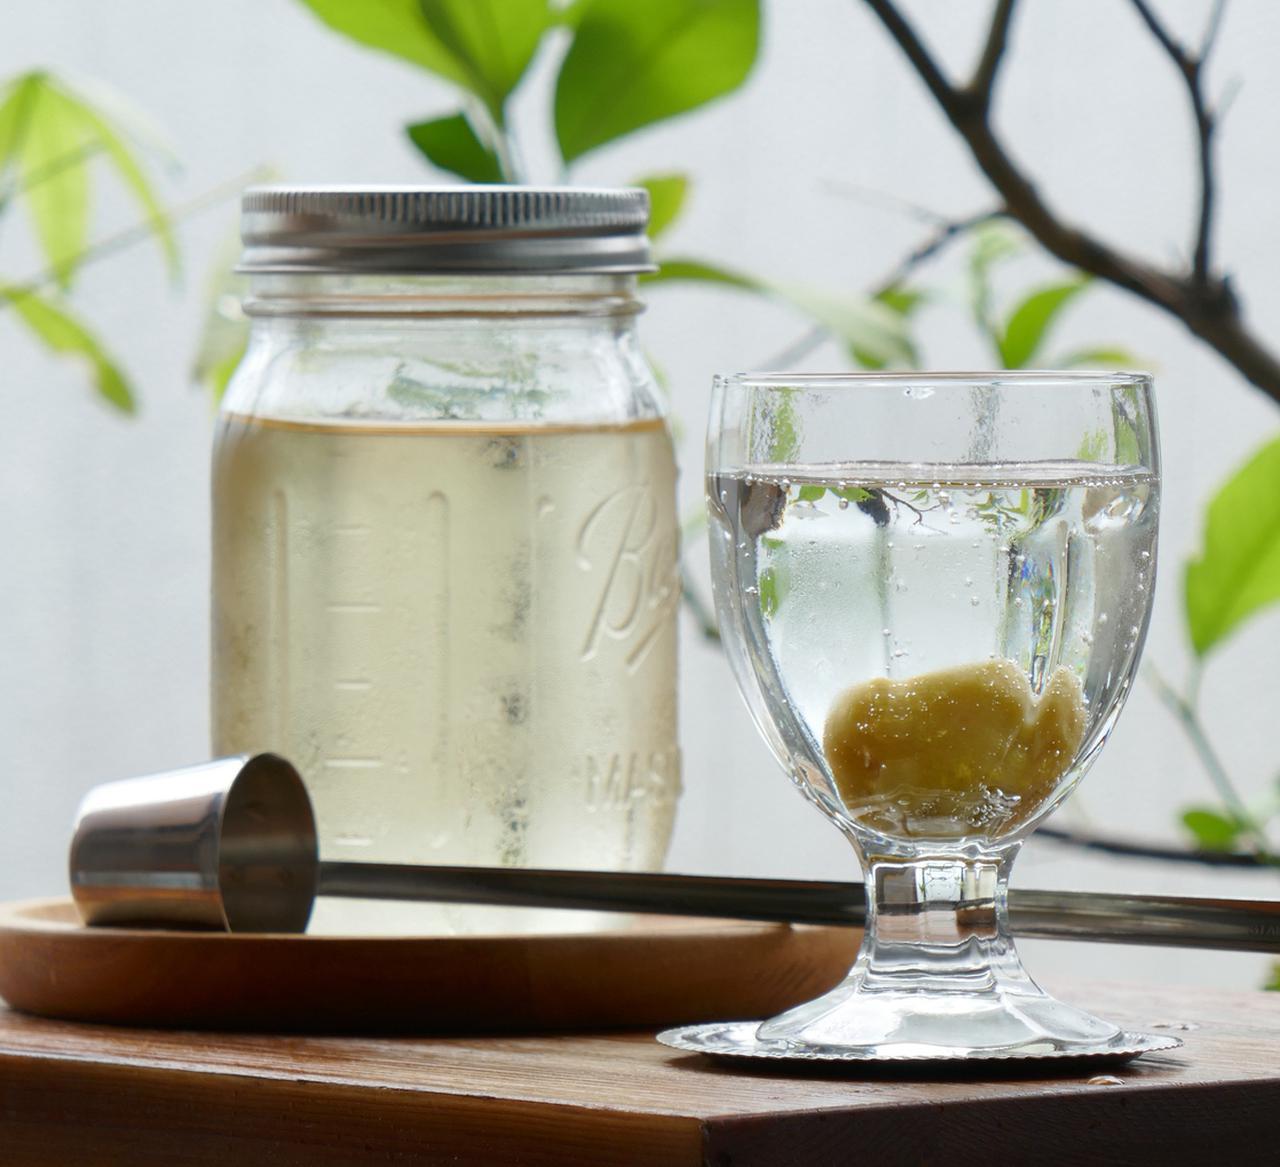 画像: 【レシピ1】毎年作りたくなる夏ドリンク「梅ジュース」!基本の飲み方や梅の実を美味しく食べる方法も